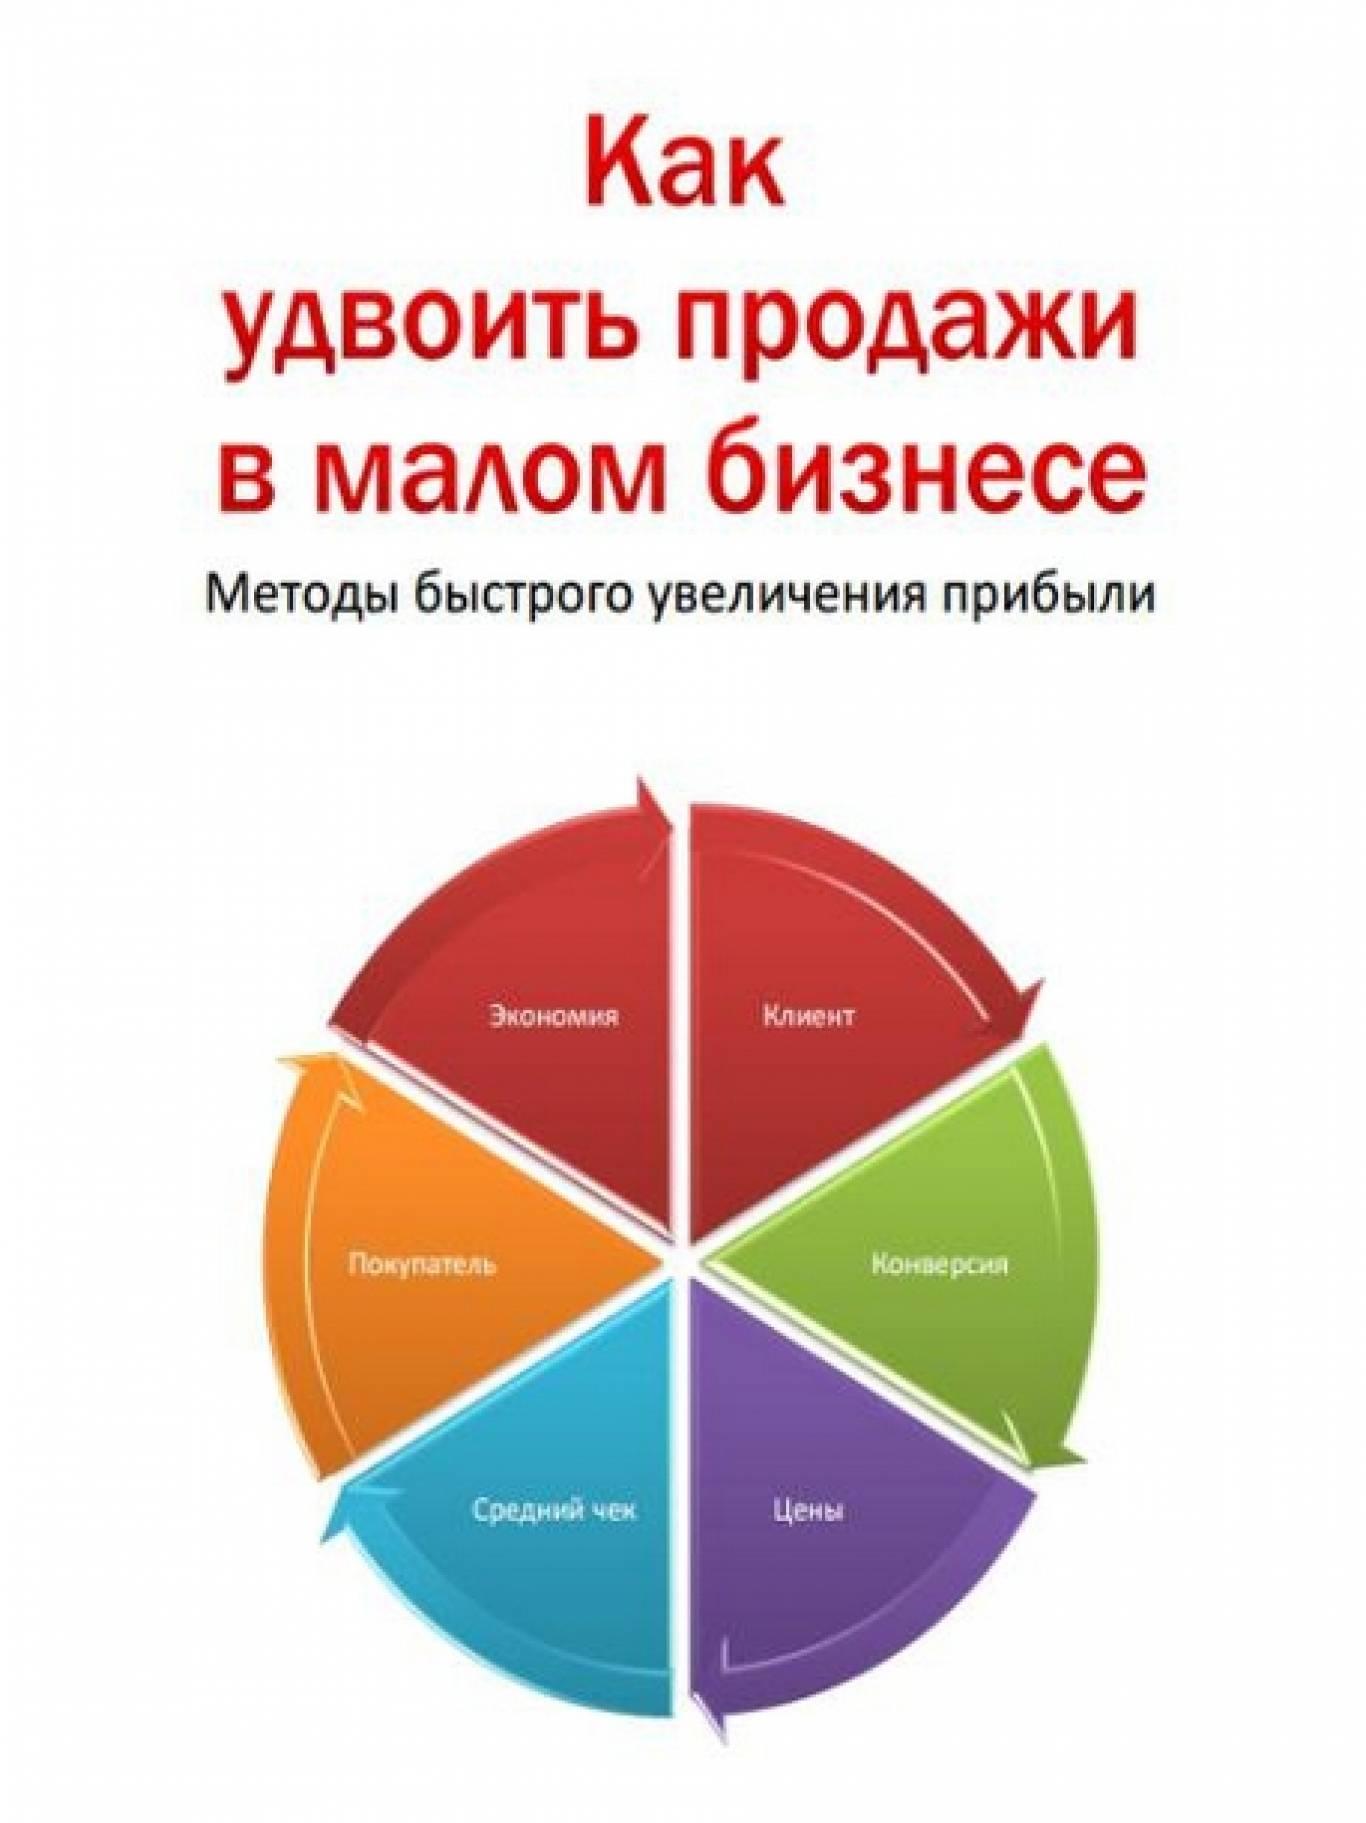 Бізнес-семінар «Як швидко подвоїти продажі в середньому та малому бізнесі»